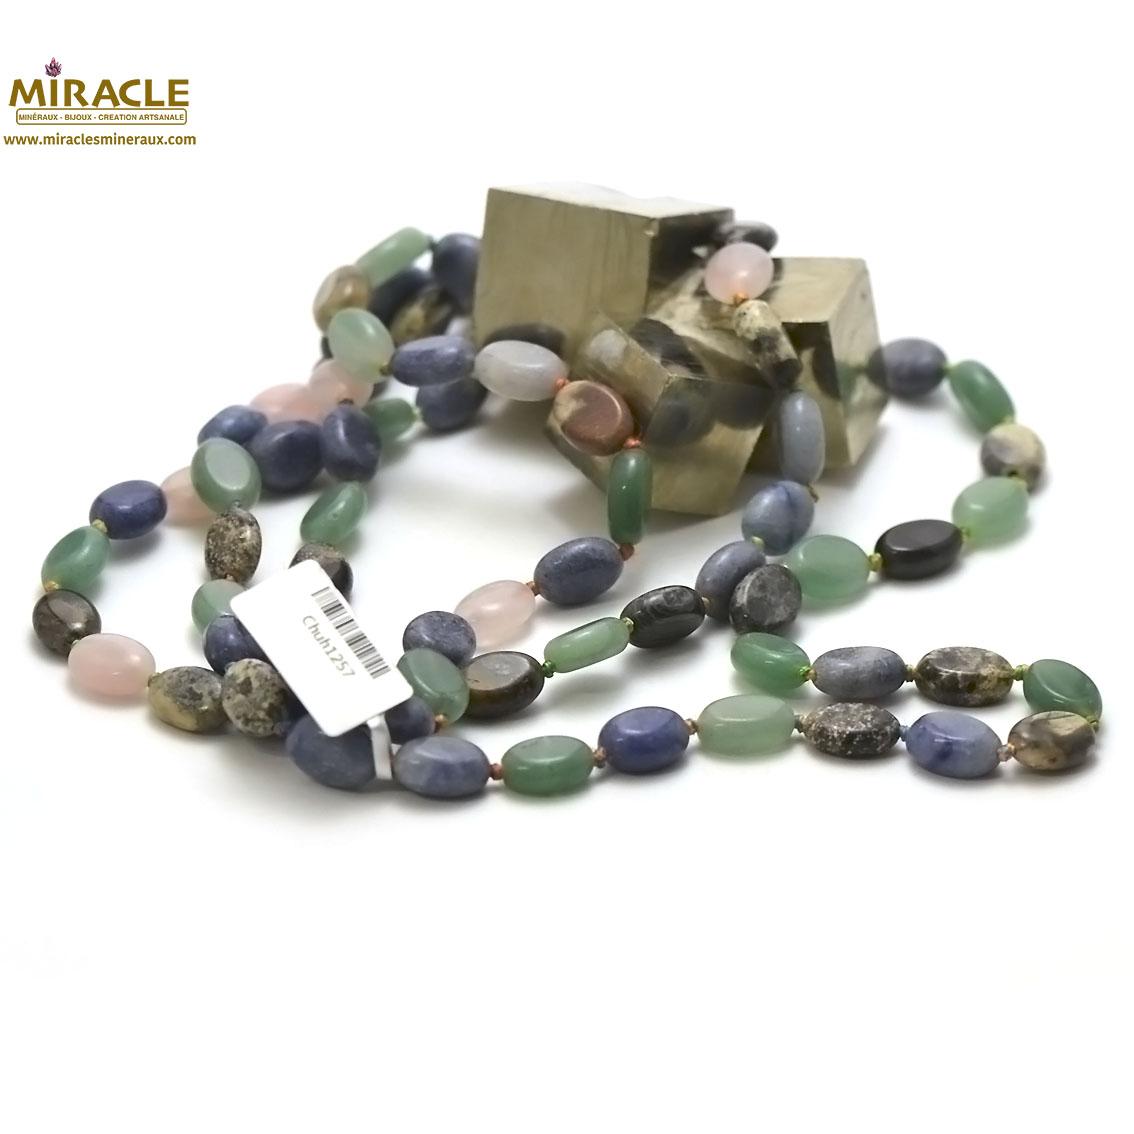 Collier long/sautoir en pierre naturelle palet oval 13x10x5 mm,multipierre 120cm